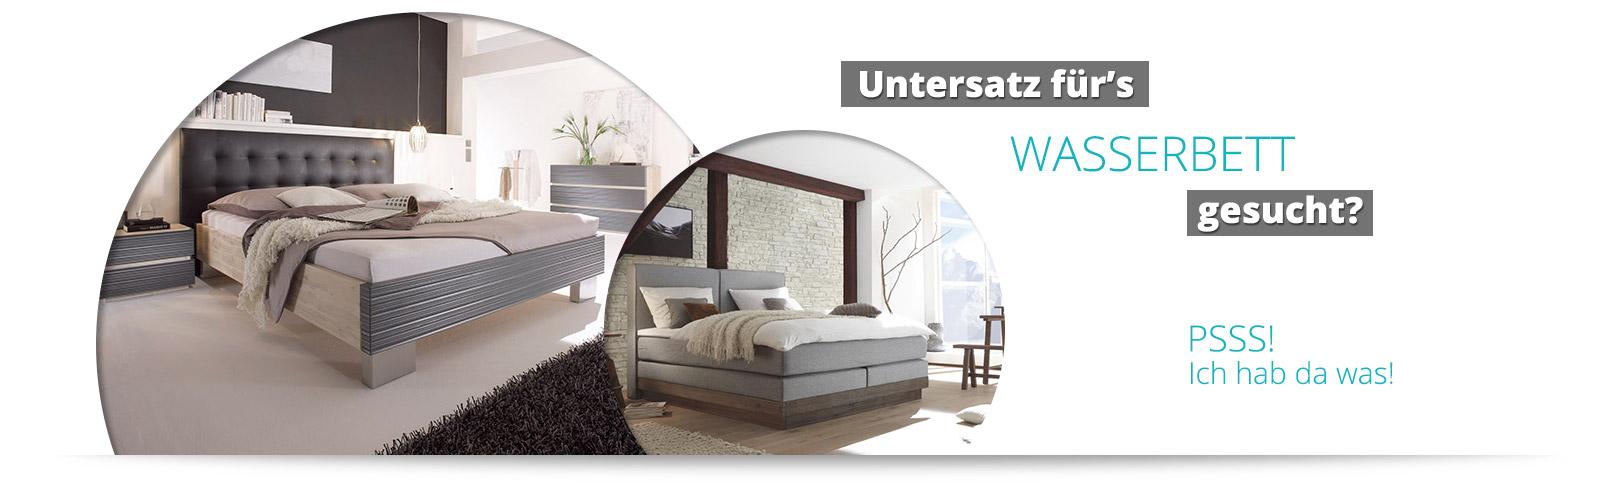 Bettgestelle für Ihr Wasserbett bei Ihrem Wasserbetten-Profi bei Potsdam